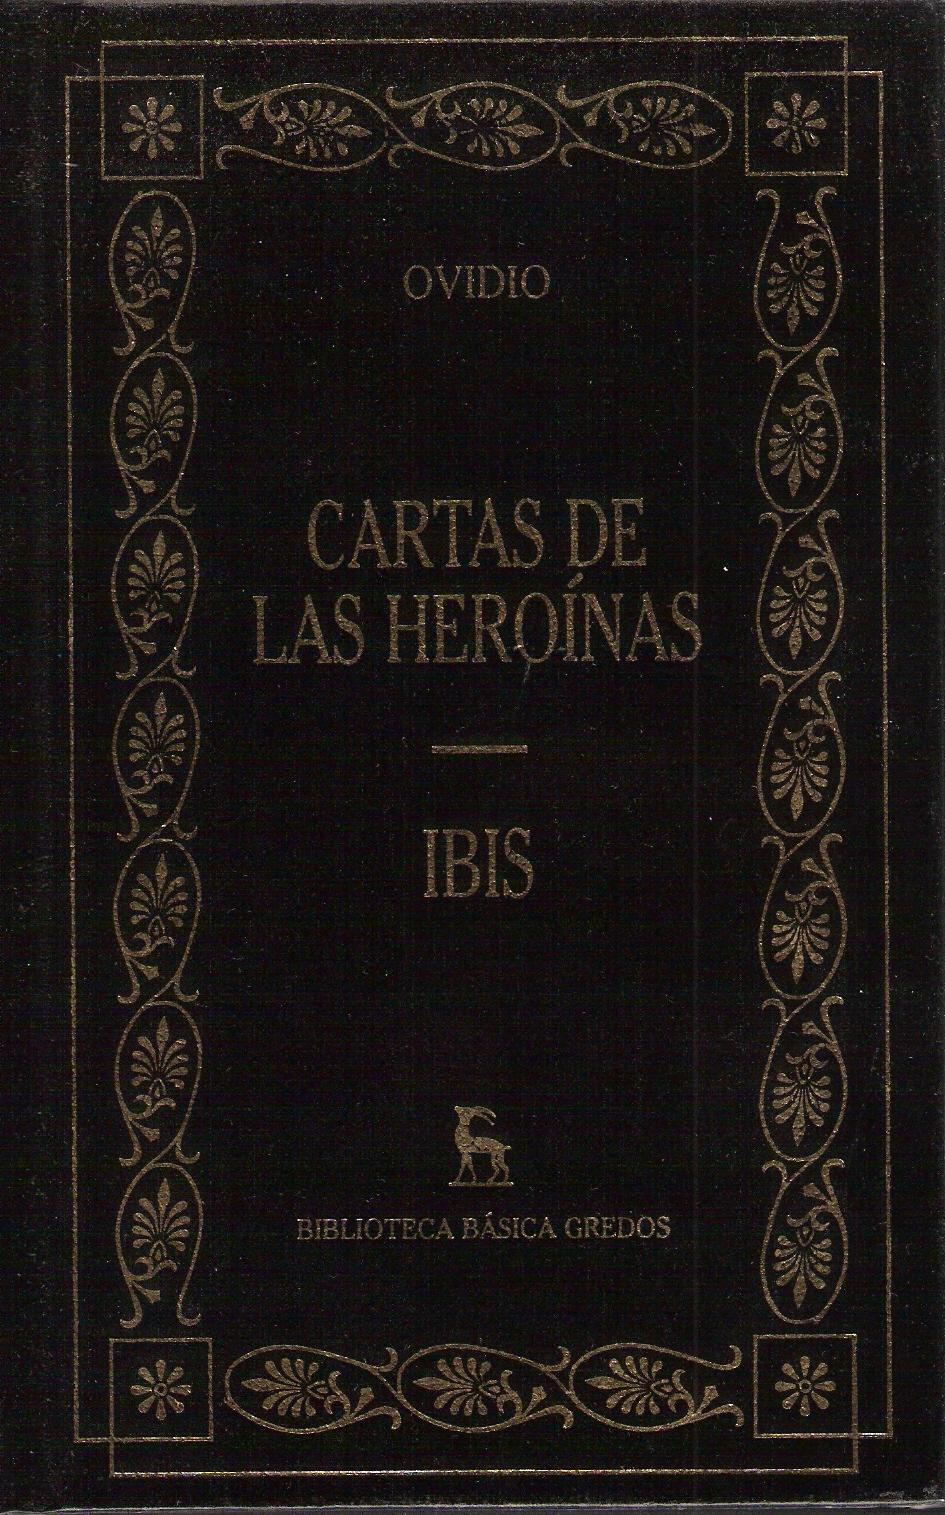 Cartas de las Heroinas - Ibís